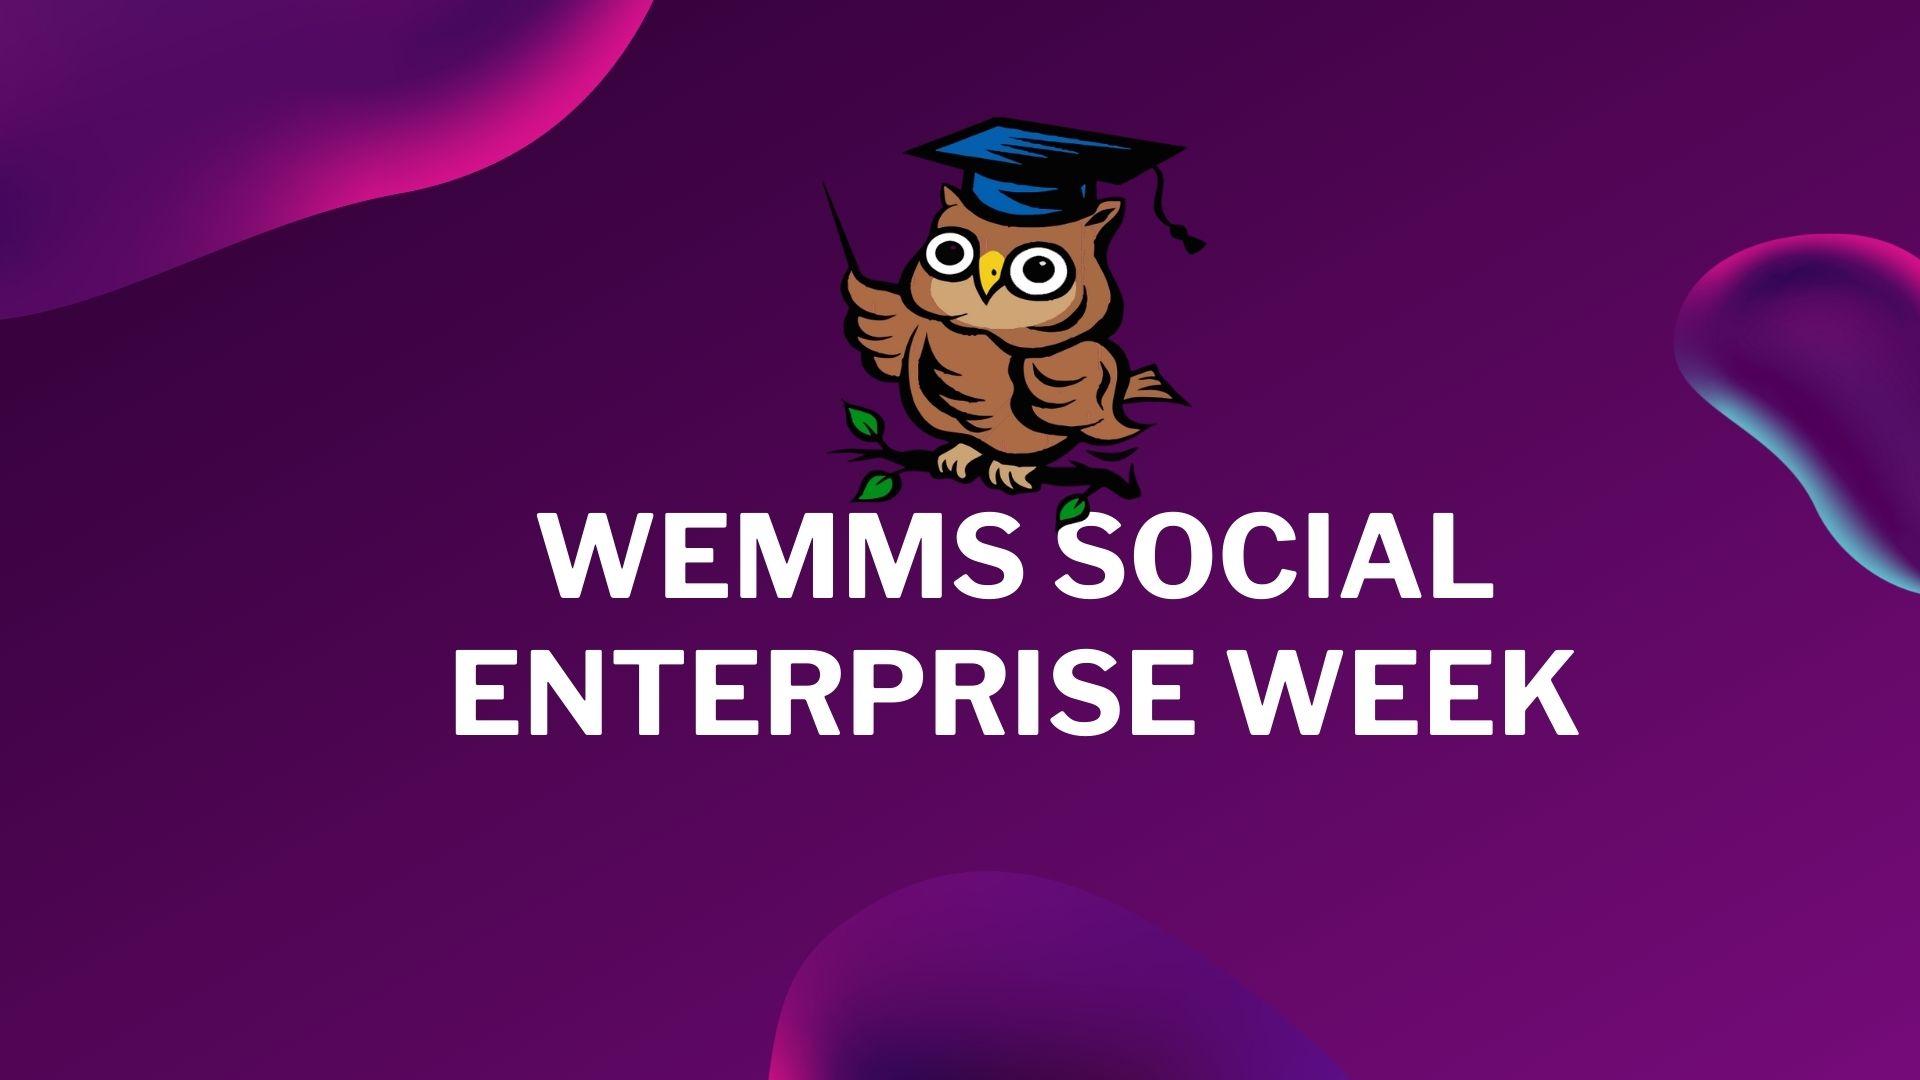 Wemms Social Enterprise Week